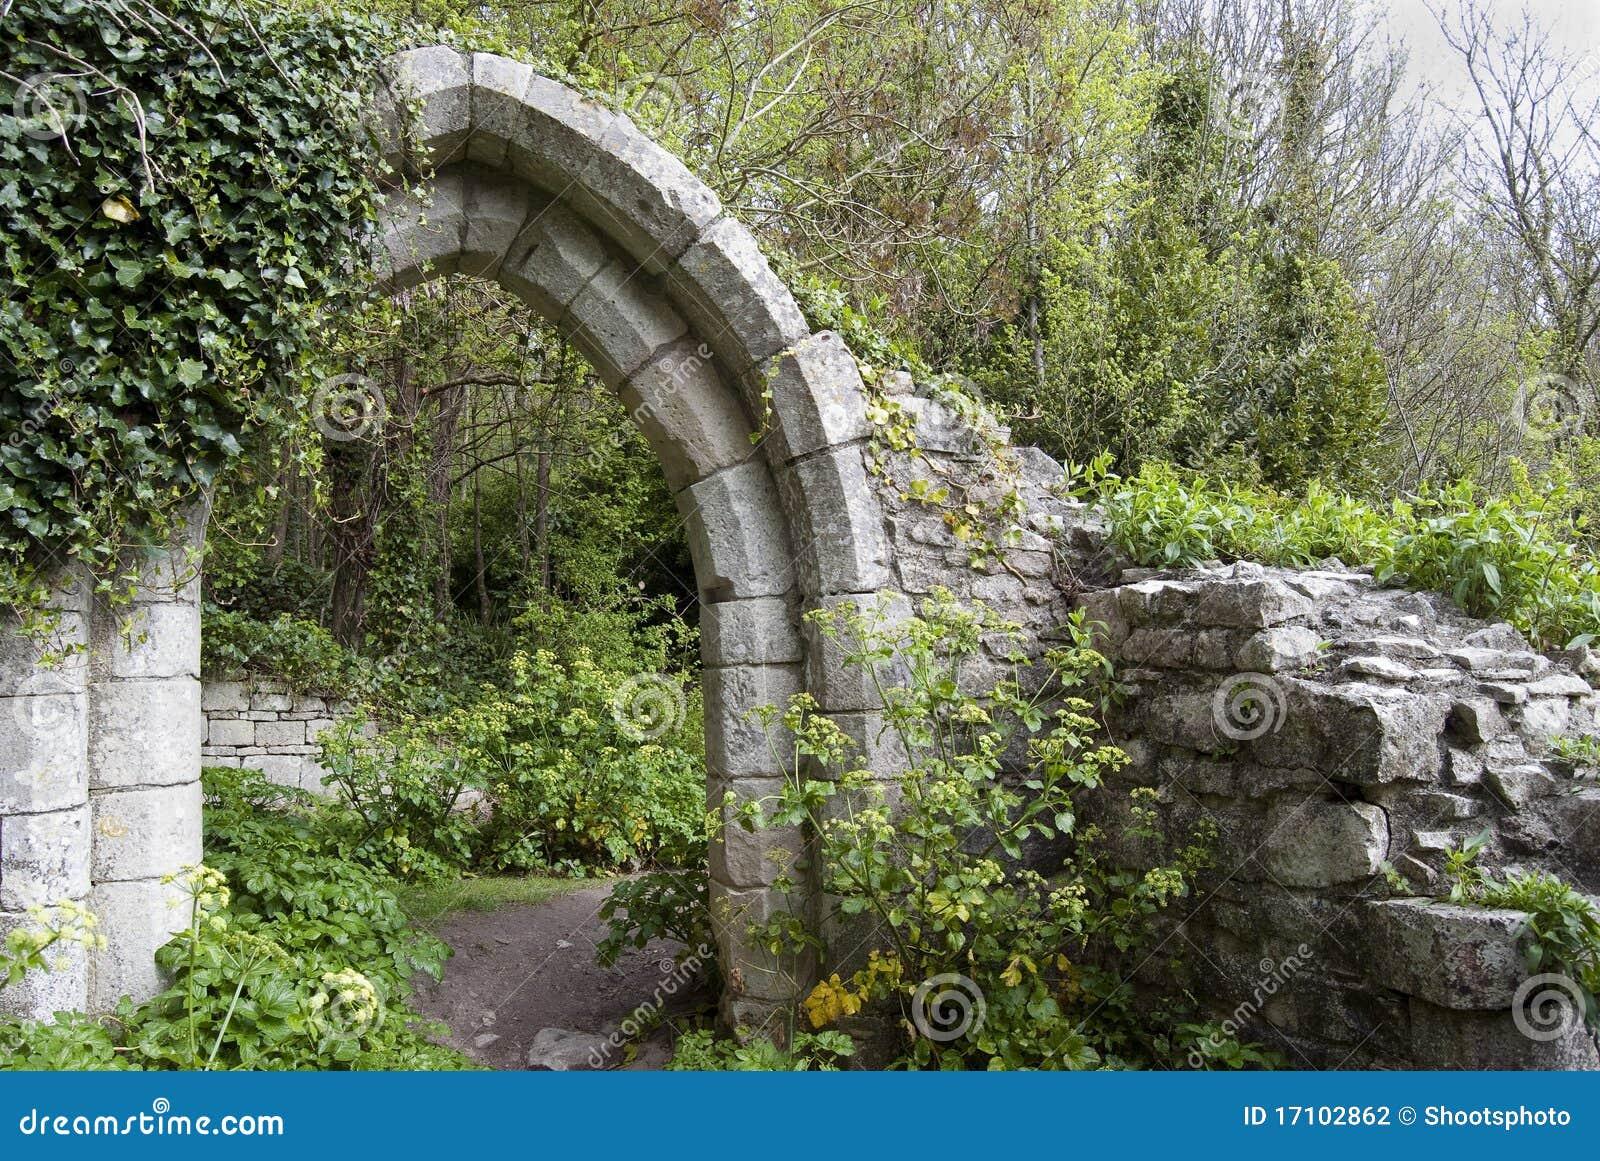 Arco antiguo en un parque